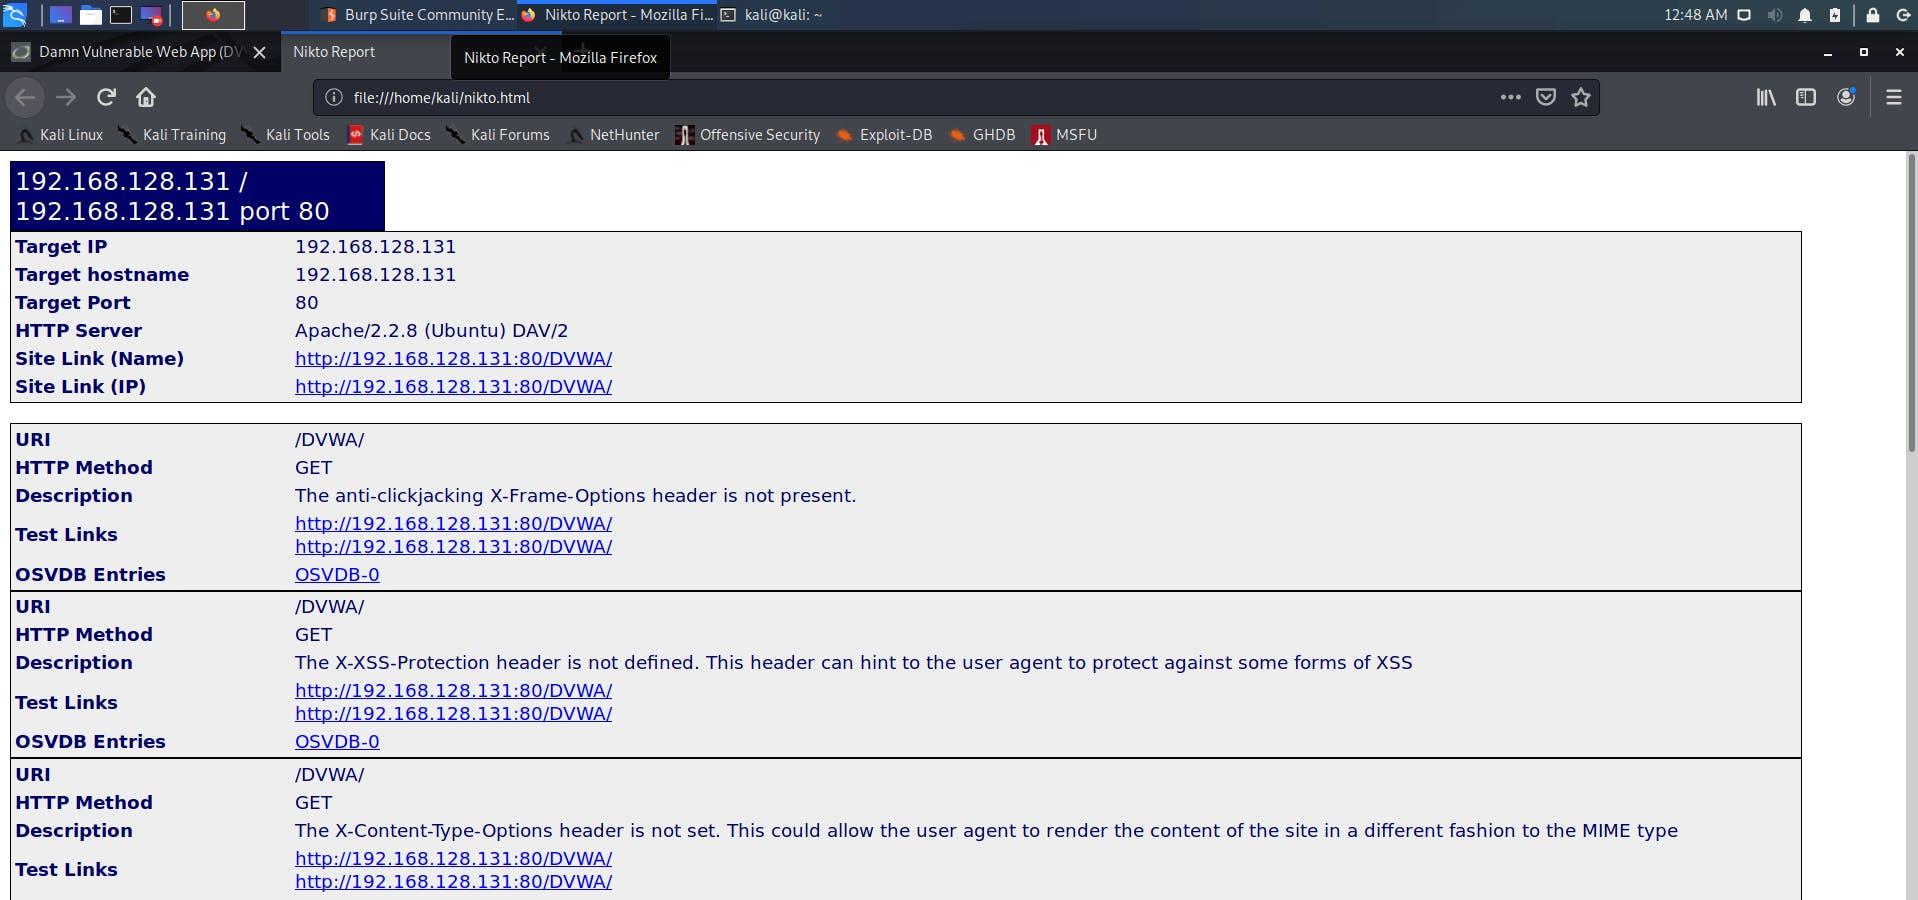 Kali-Linux-2020.2-vmware-amd64-2020-10-14-10-18-00.png